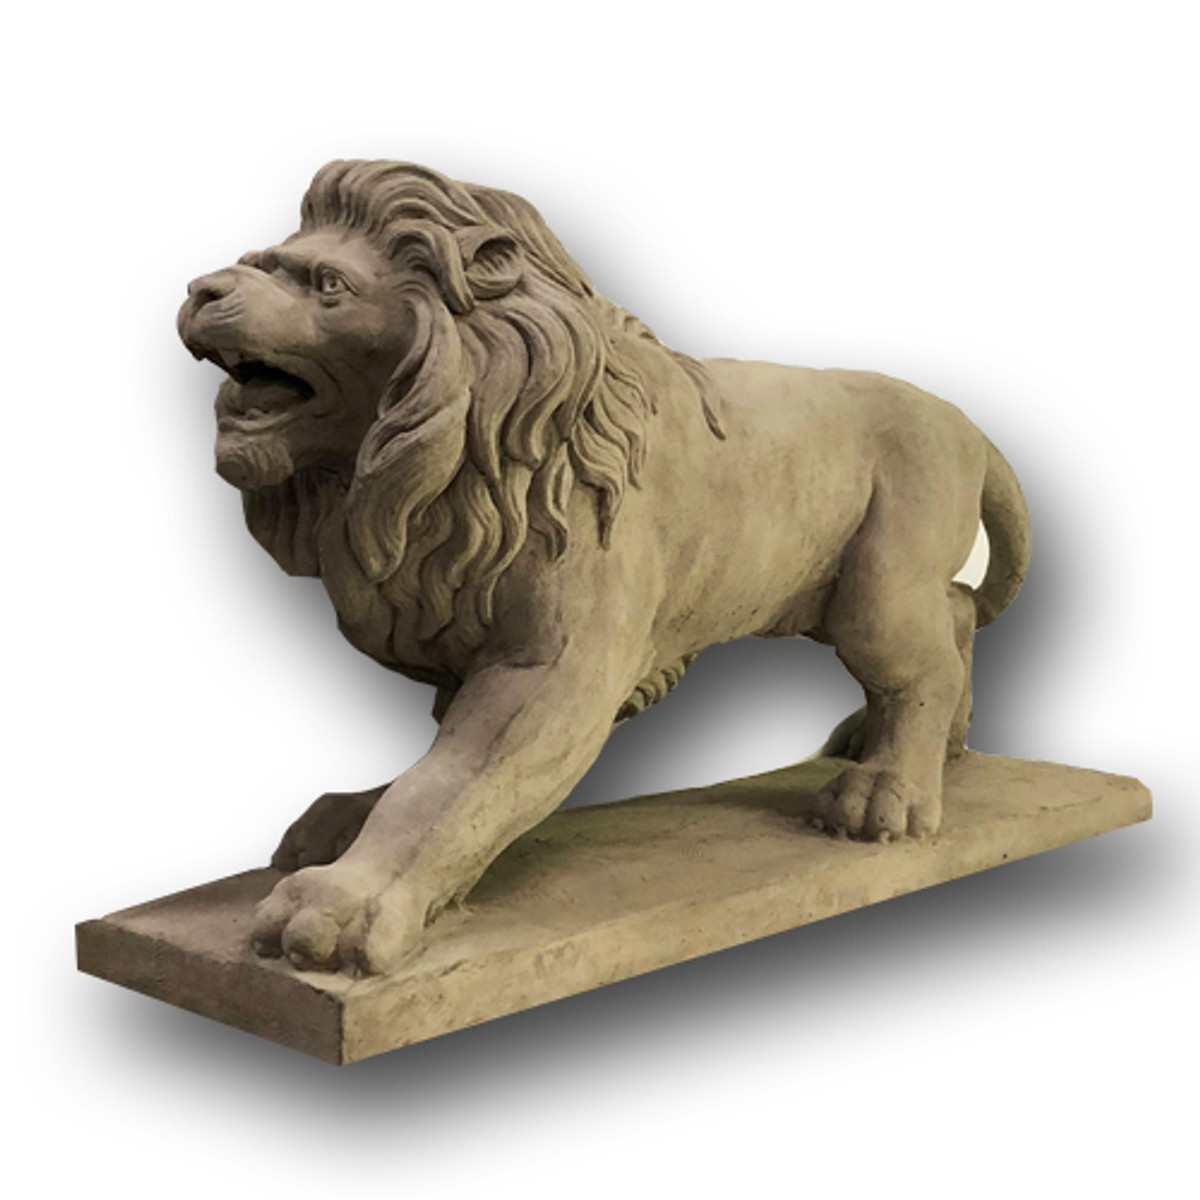 BR-011 Life Size Classical Lion Sculpture front